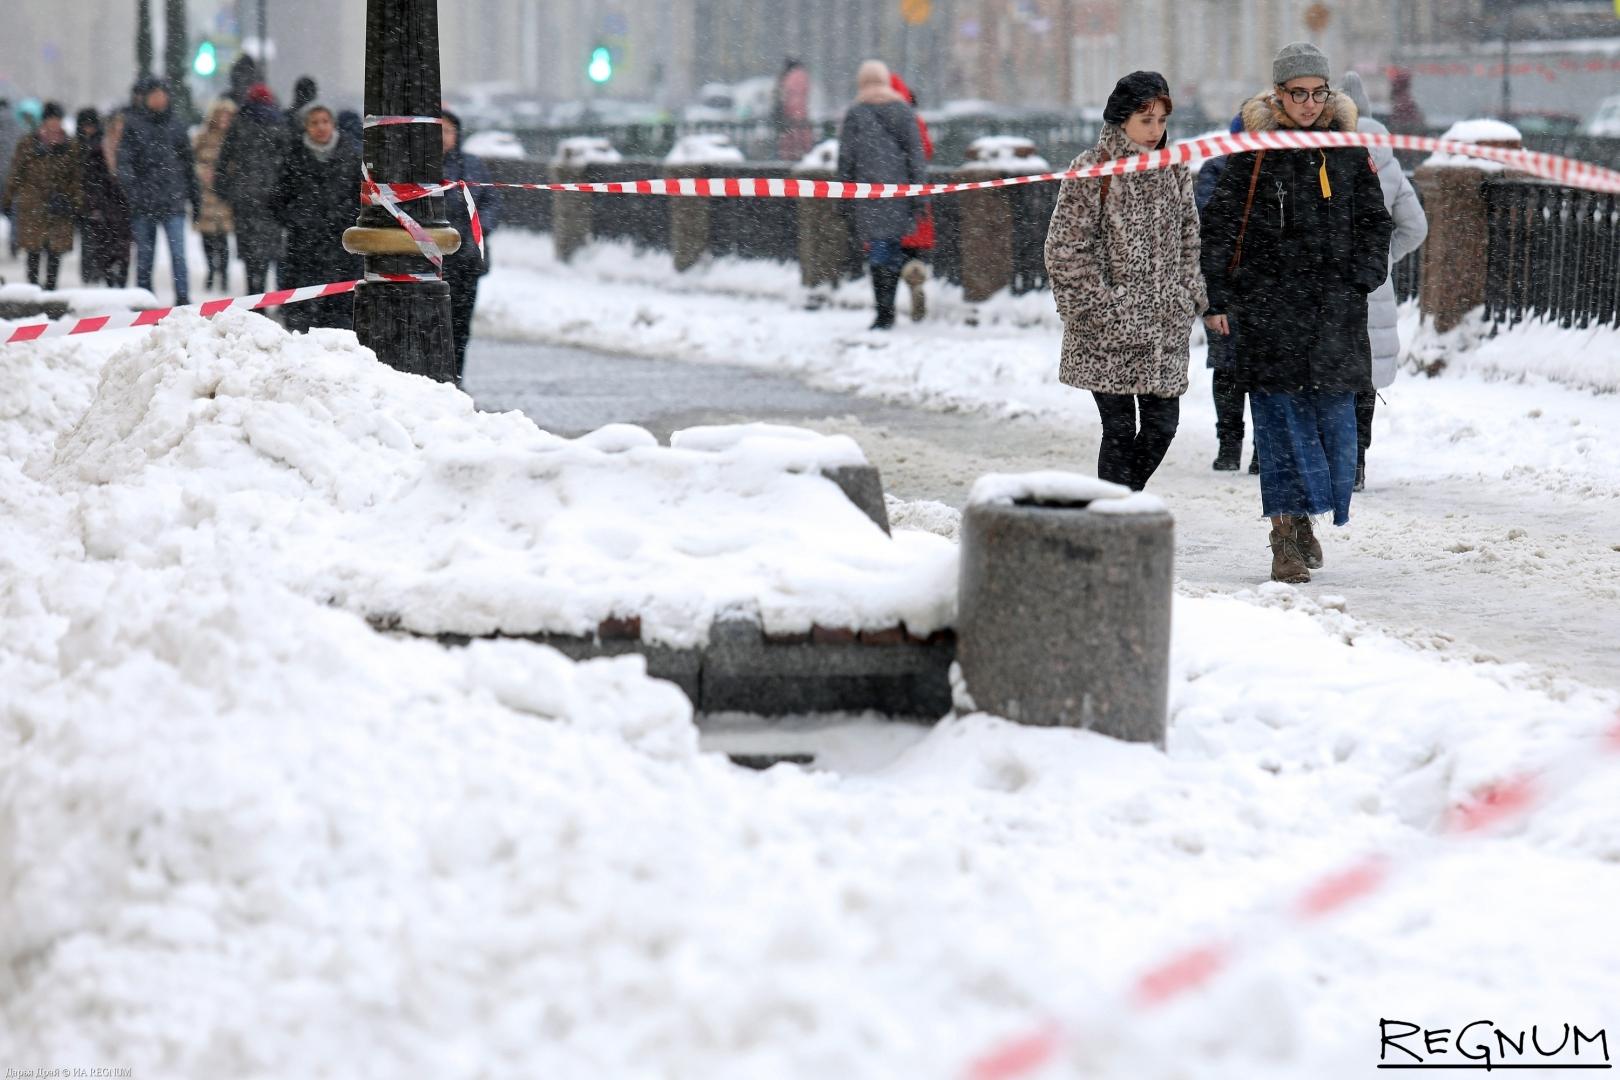 Набережная канала Грибоедова, 04.02.19